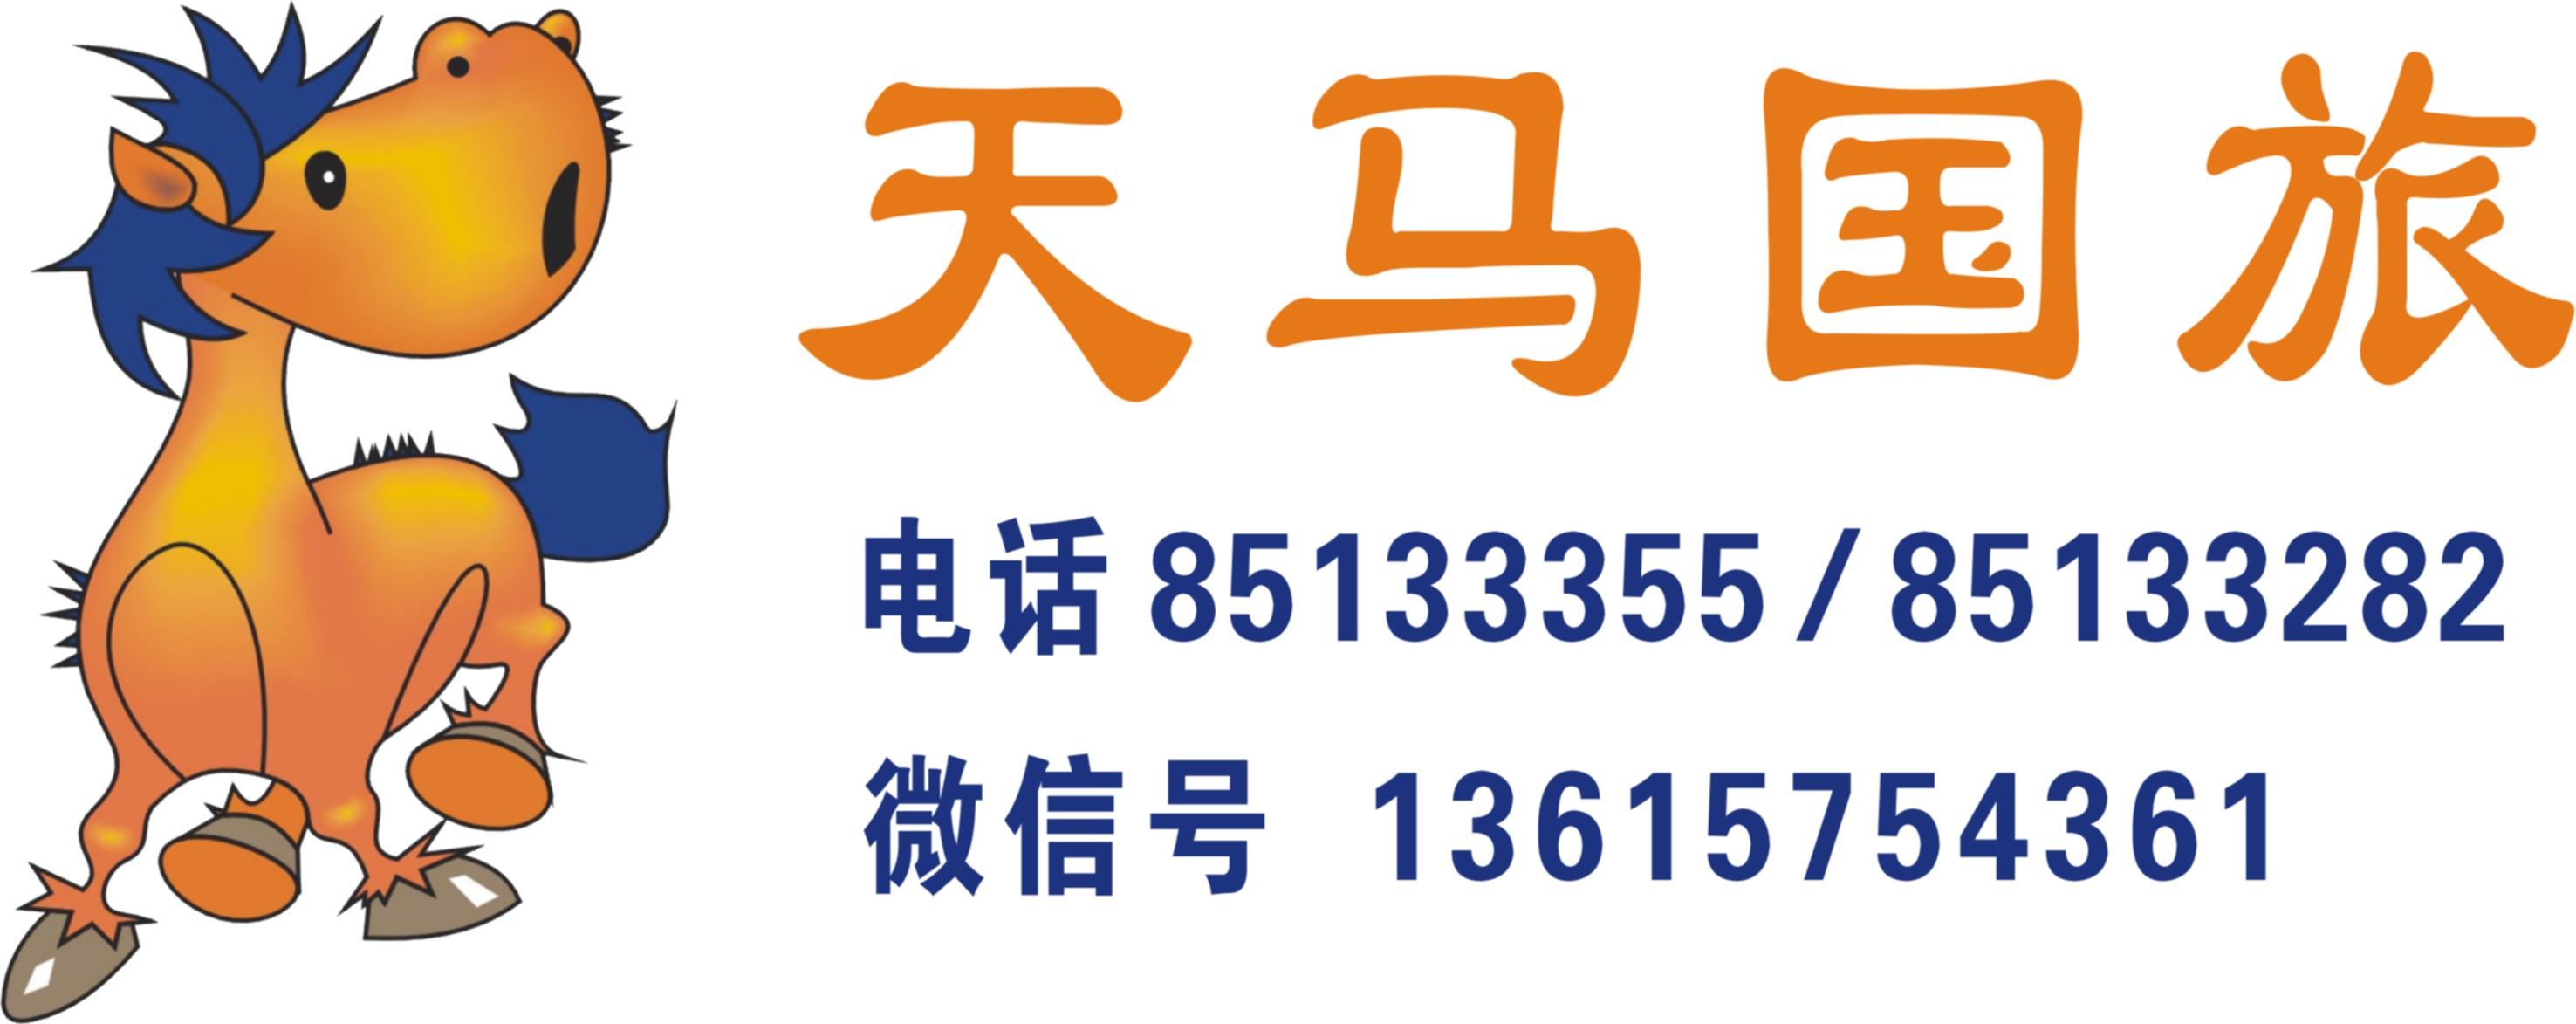 7.23【横店梦幻谷嬉水狂欢节、新暴雨山洪一日游】